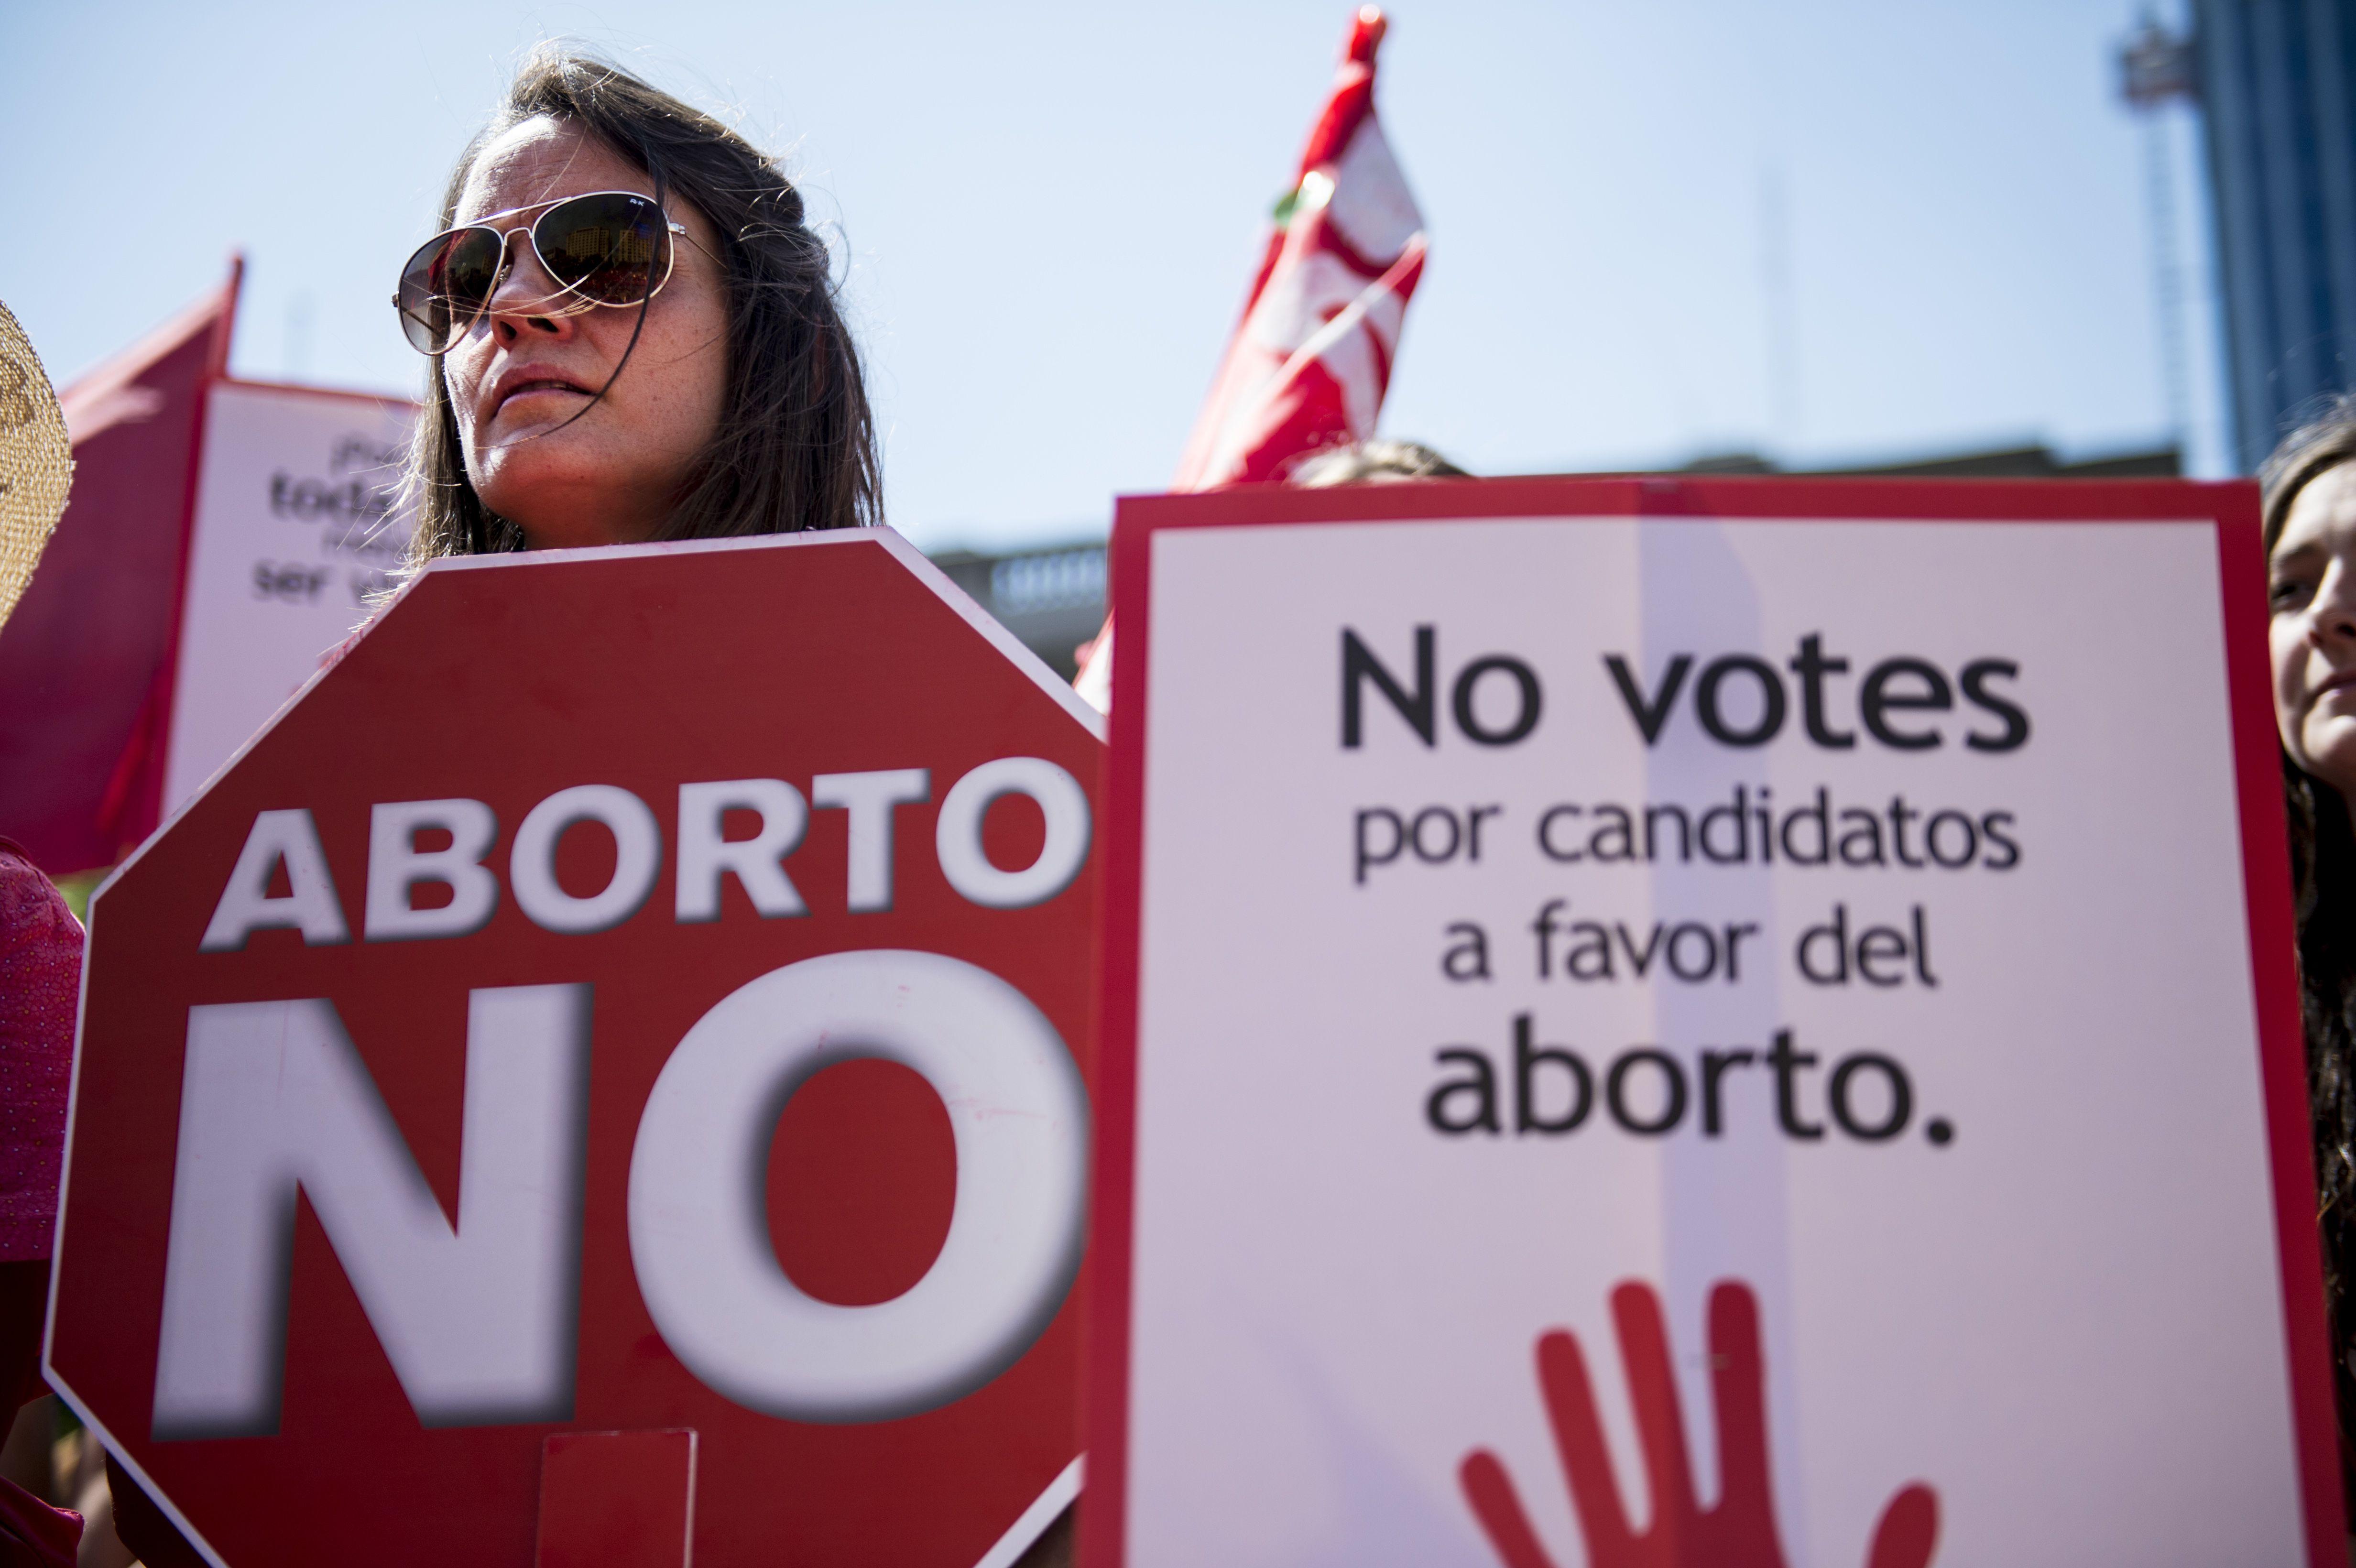 Conmoción y debate en Chile por nena de 11 años embarazada del padrastro tras violación